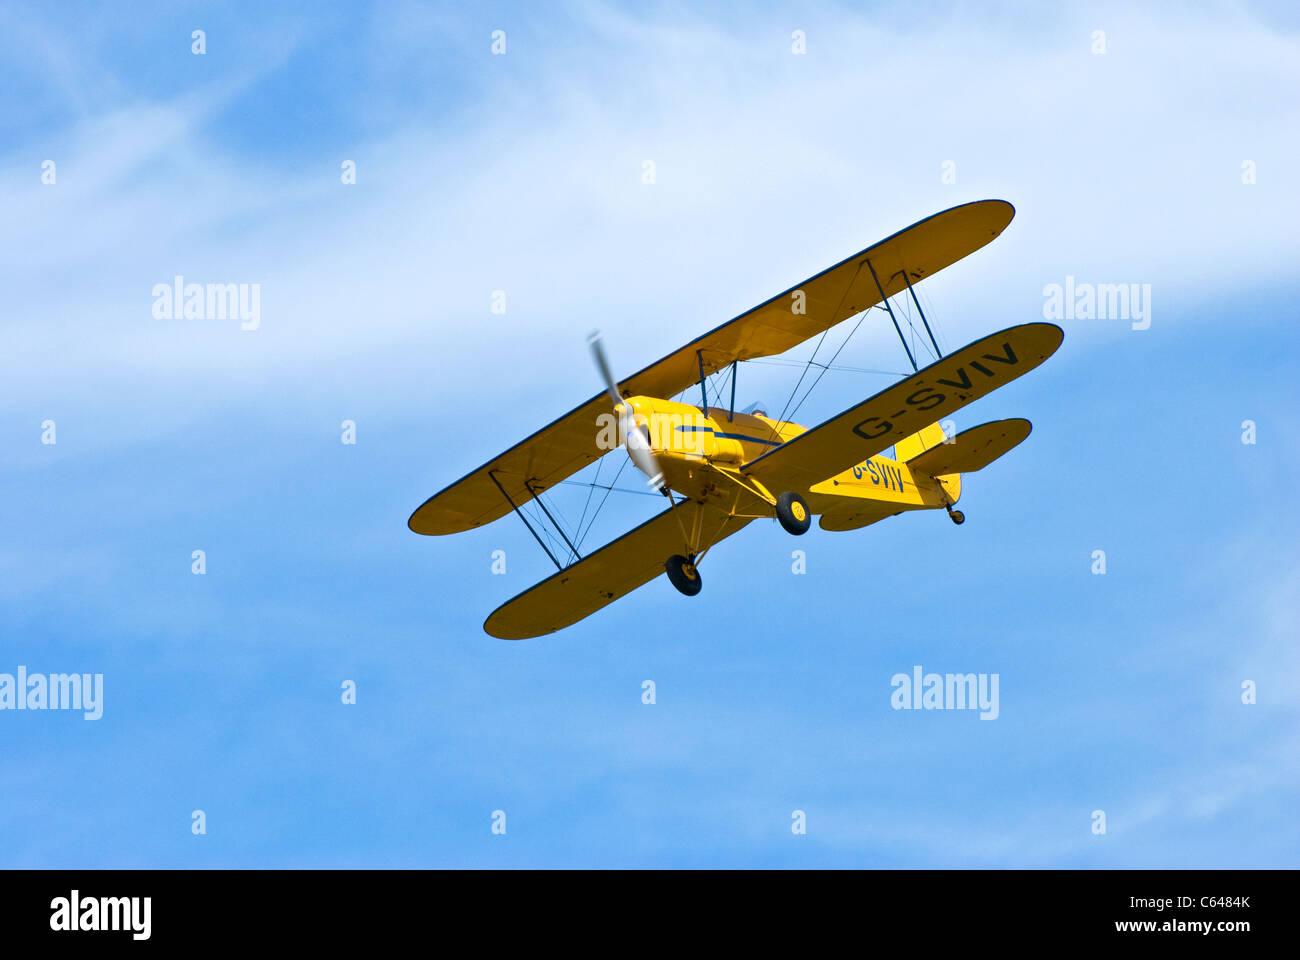 Stampe SV4C bi-plane - Stock Image